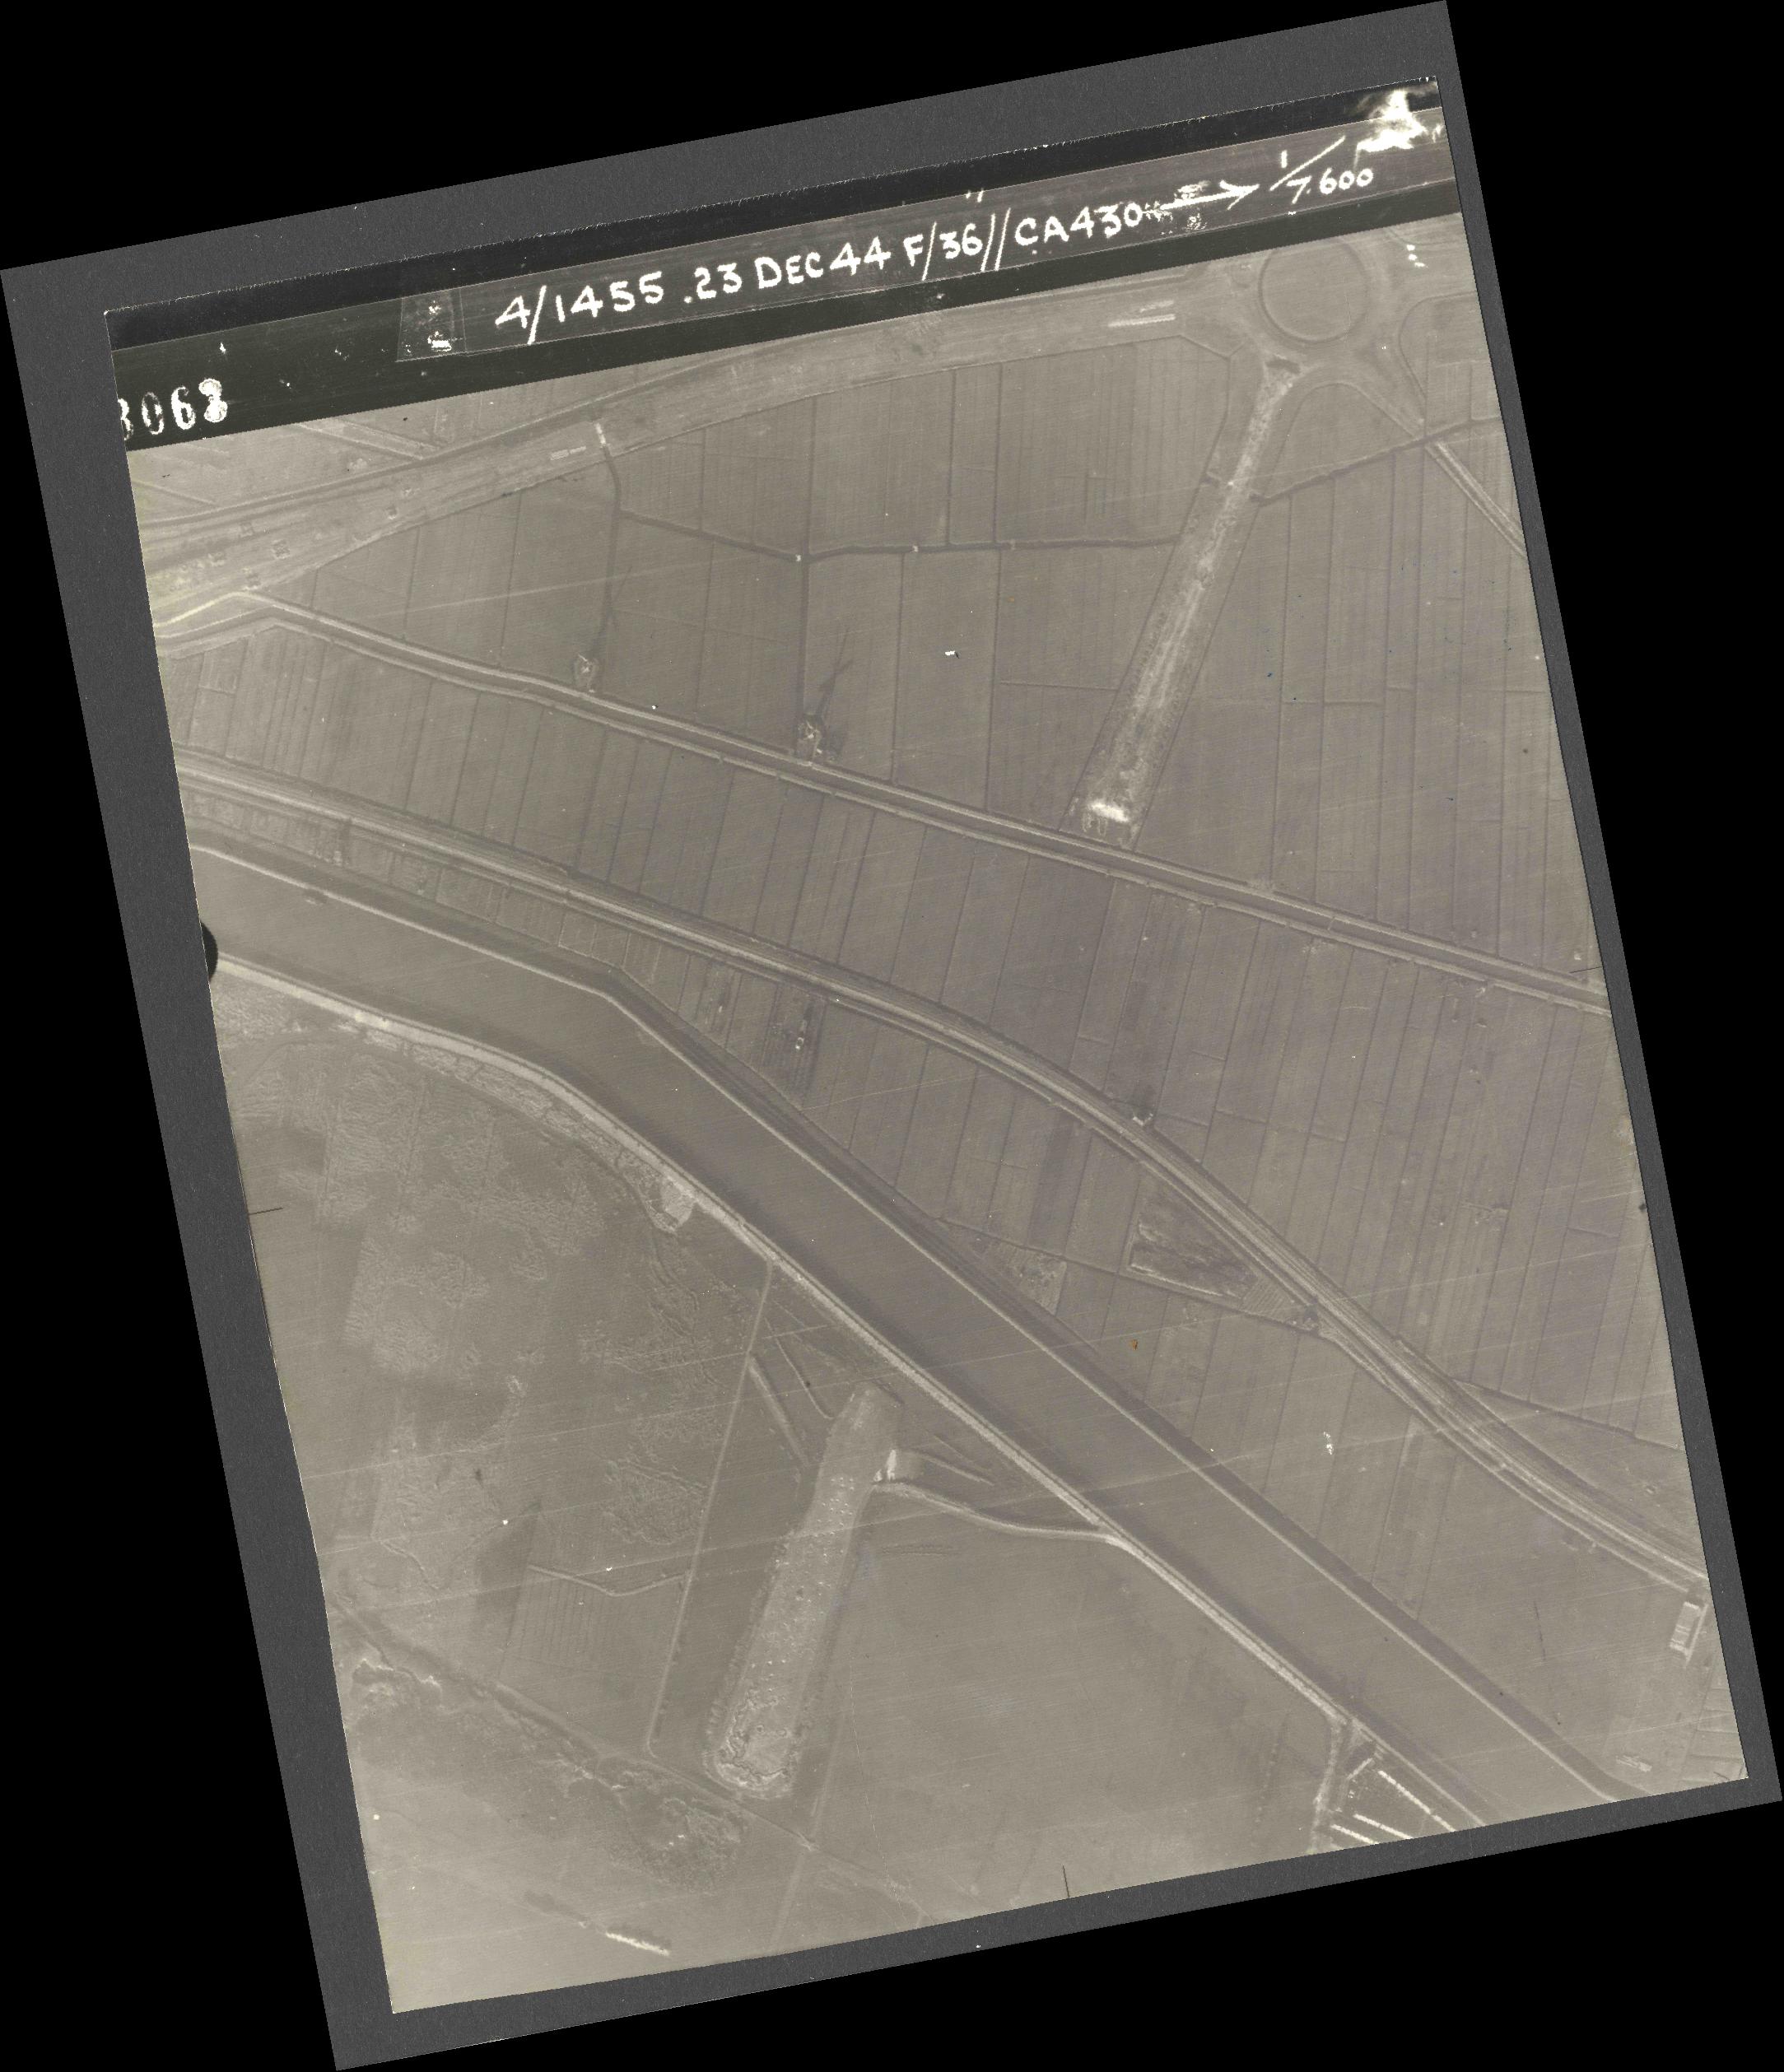 Collection RAF aerial photos 1940-1945 - flight 051, run 07, photo 3063